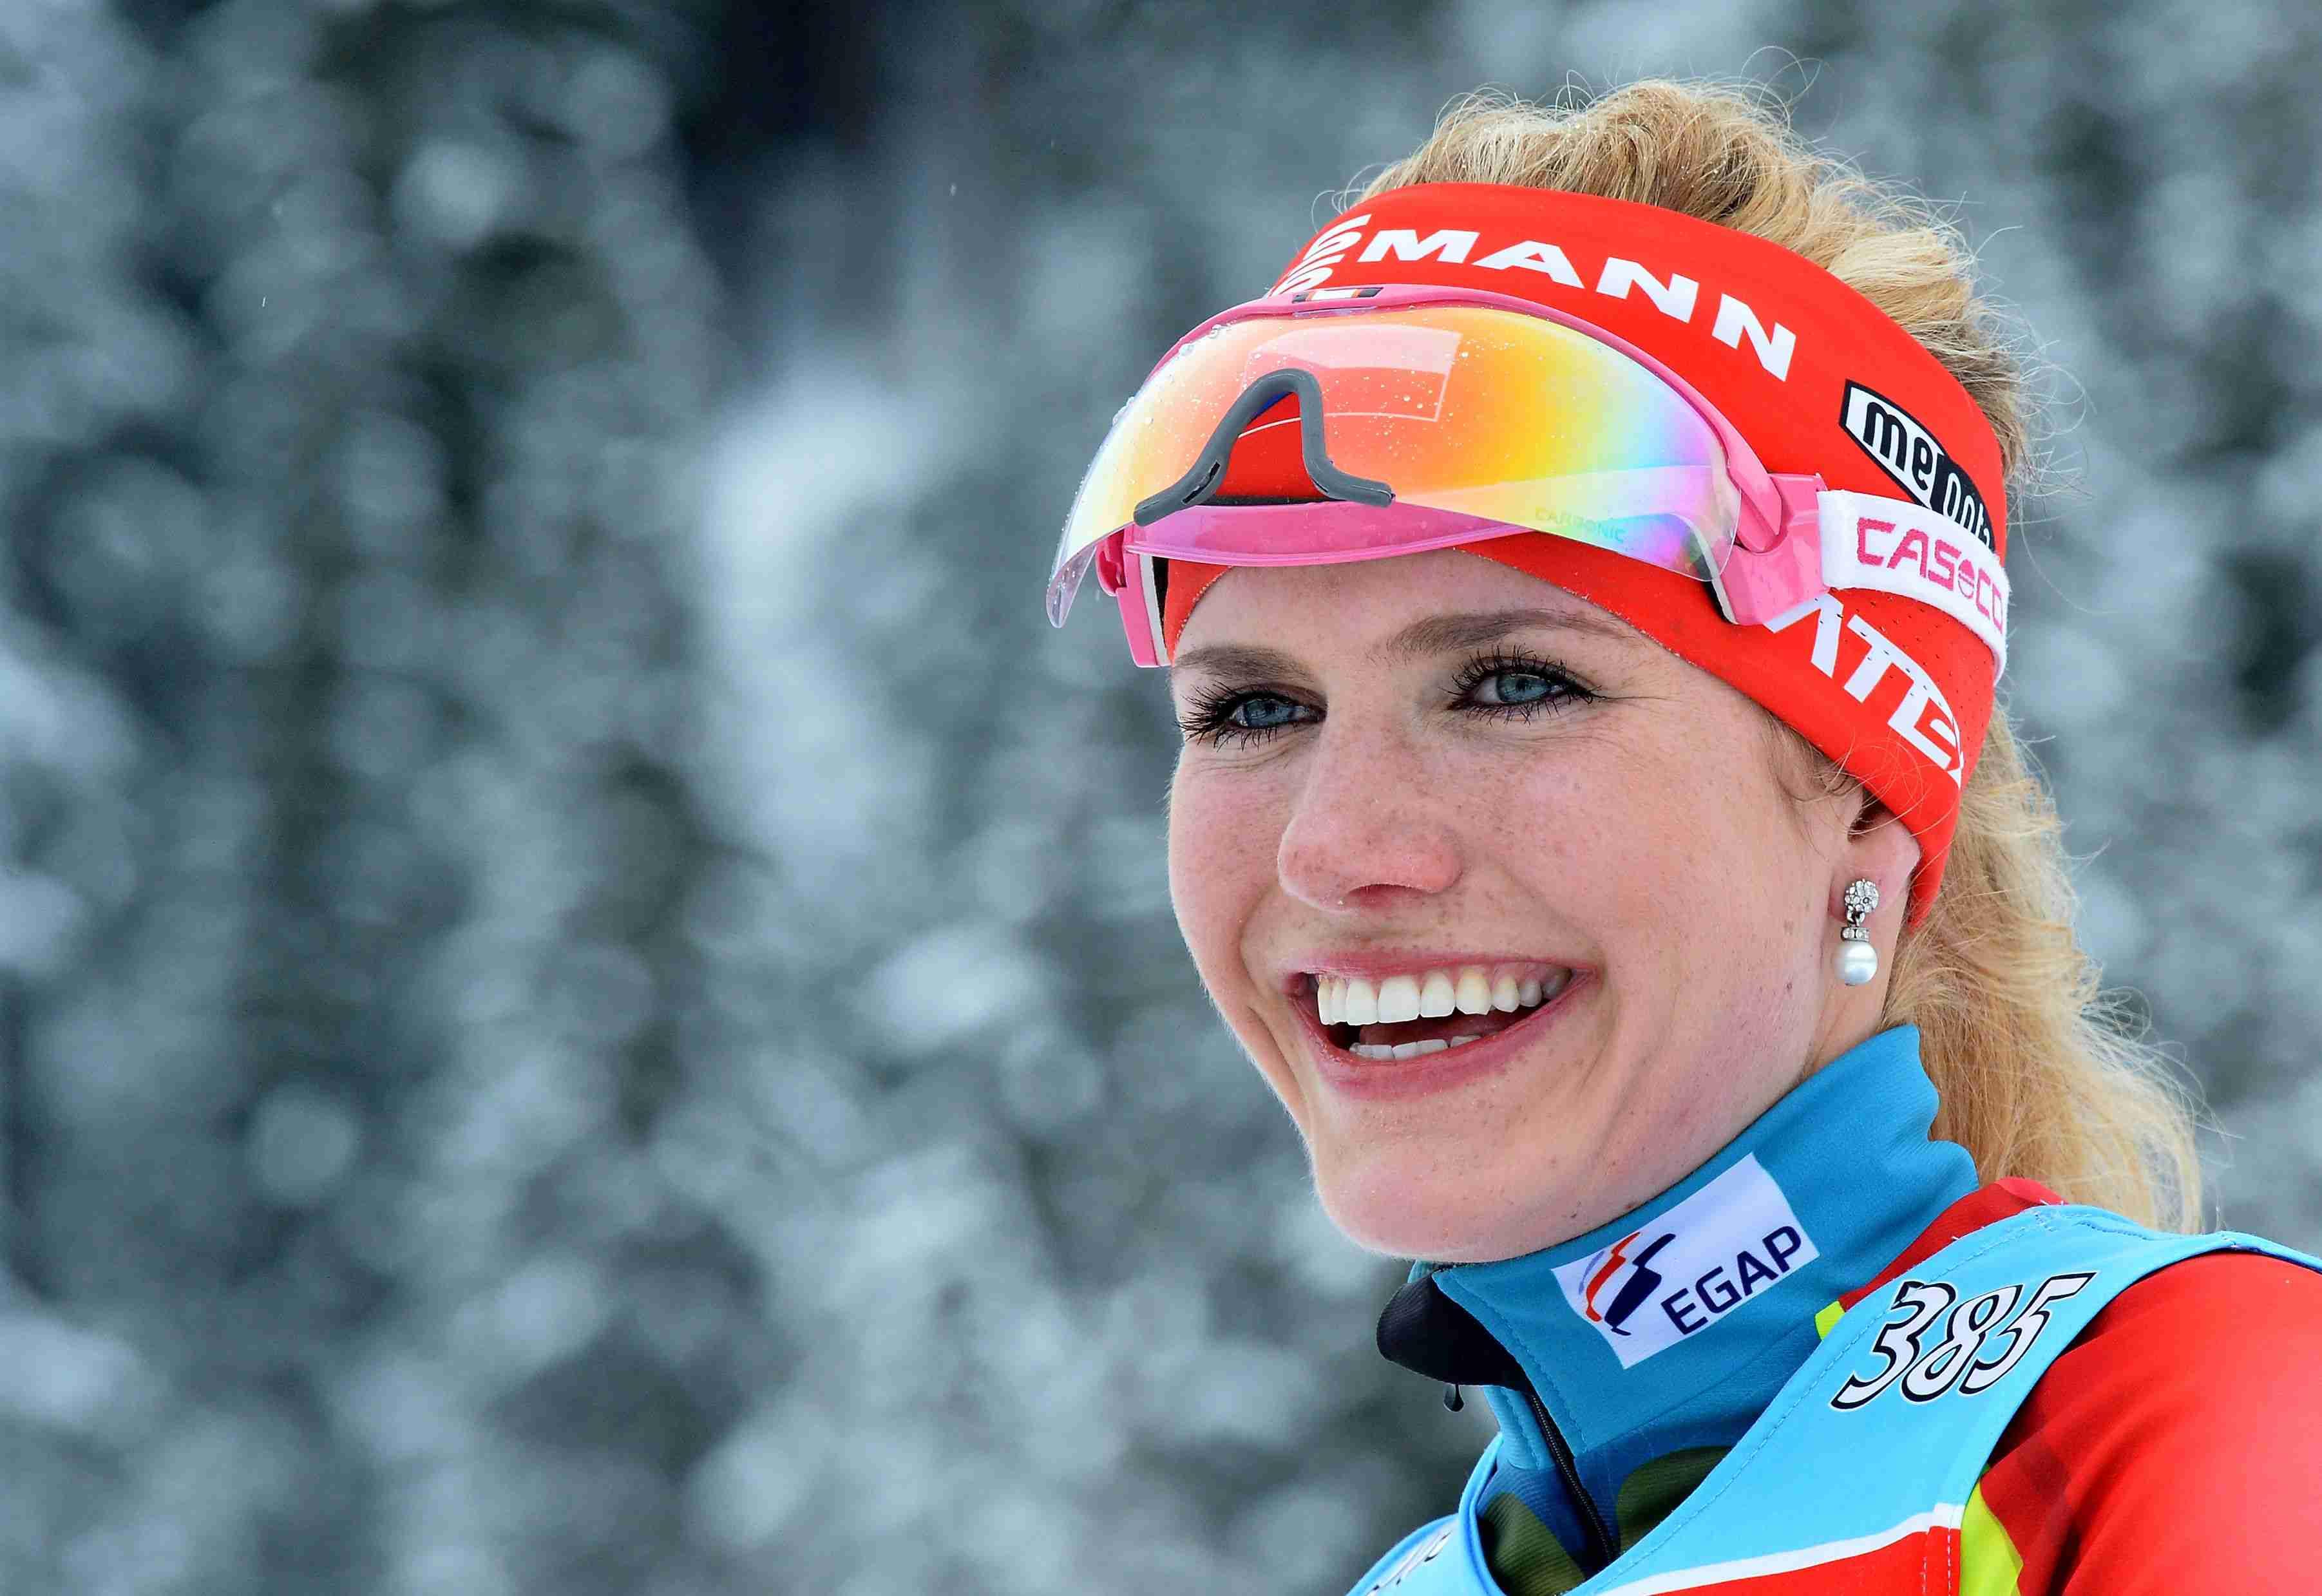 7 самых красивых спортсменок Олимпийских игр в Сочи. ОСТАЛЬНЫЕ. СПОРТ-